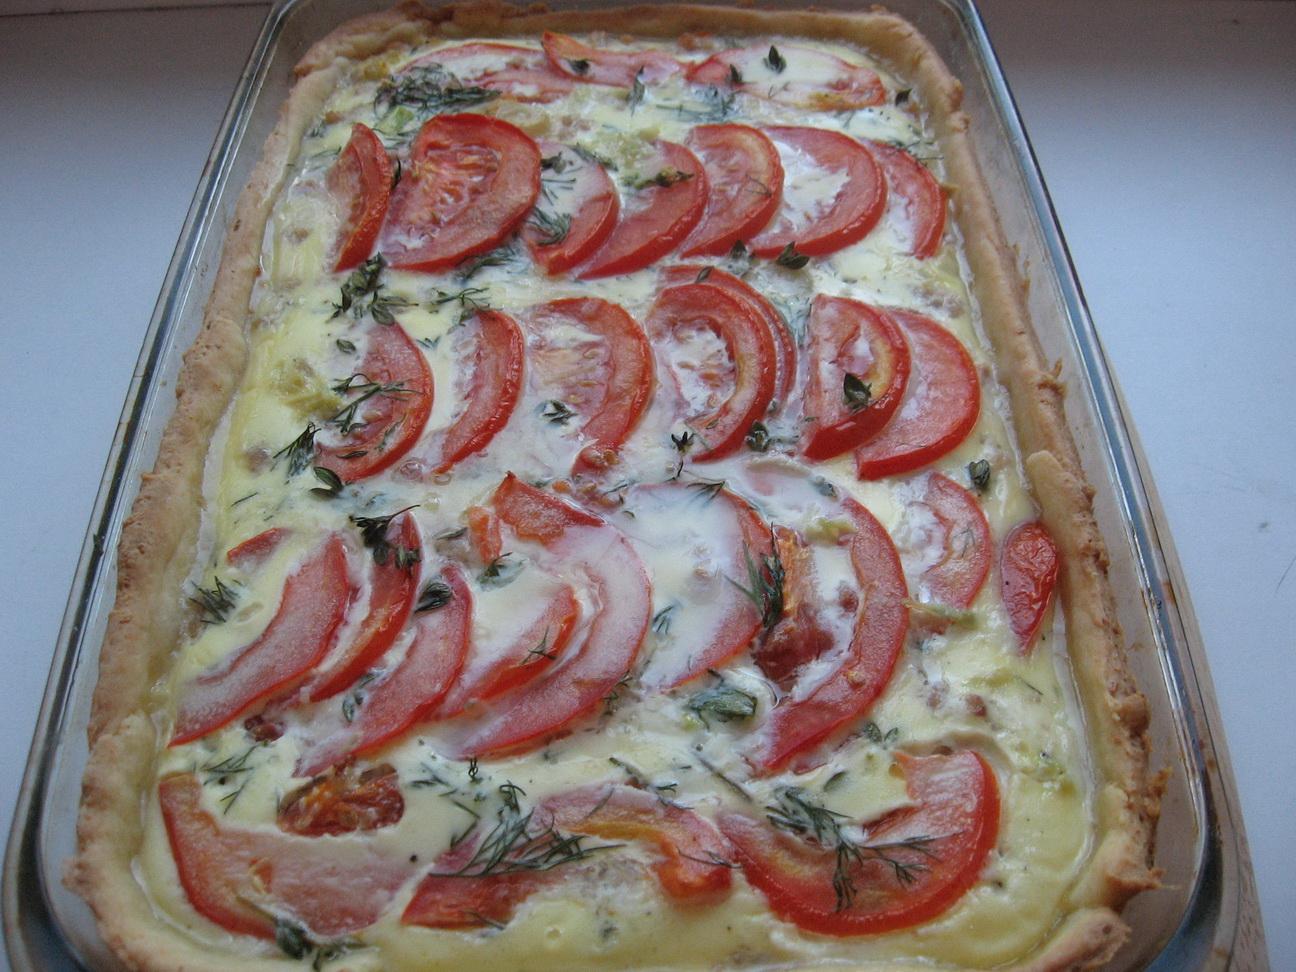 Слоёный пирог с фаршем рецепт с фото пошагово. Как приготовить пирог